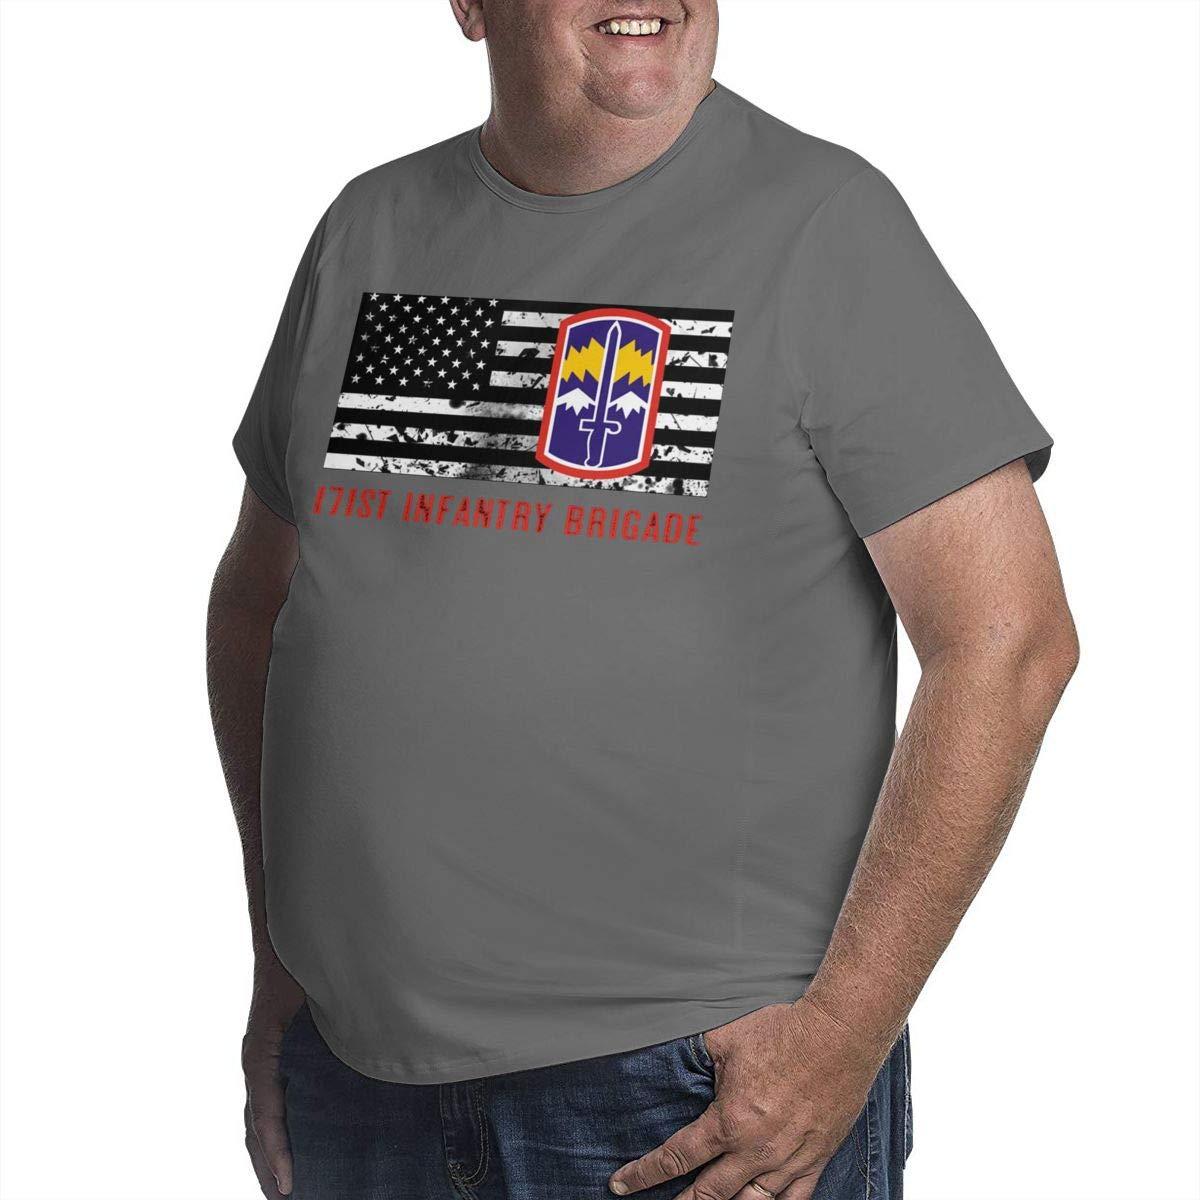 171st Infantry Brigade Mens Short Sleeve T-Shirt Big /& Tall Heavyweight T-Shirt